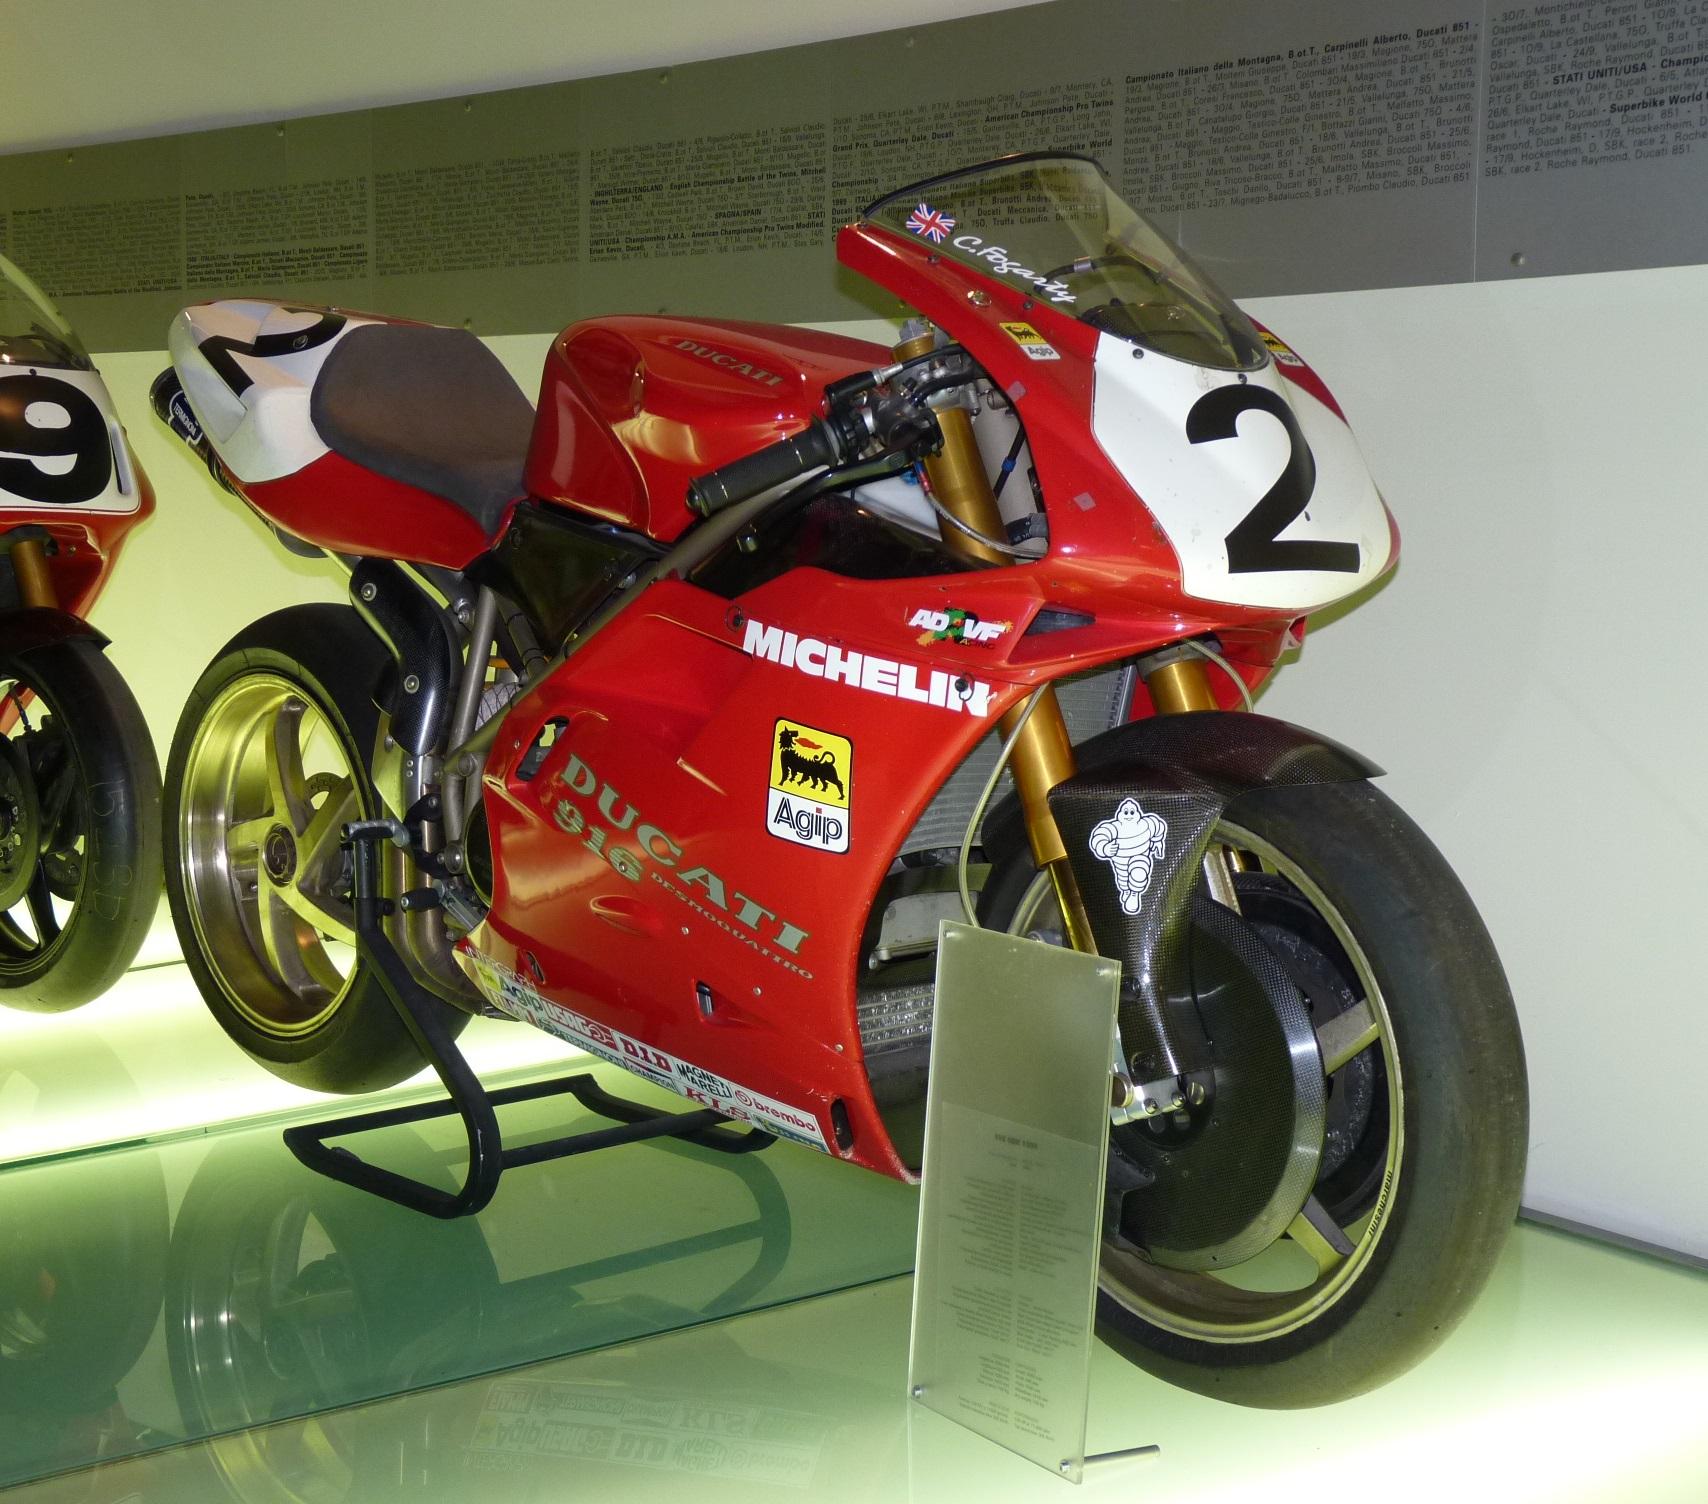 Ducati Superbike  Price Philippines